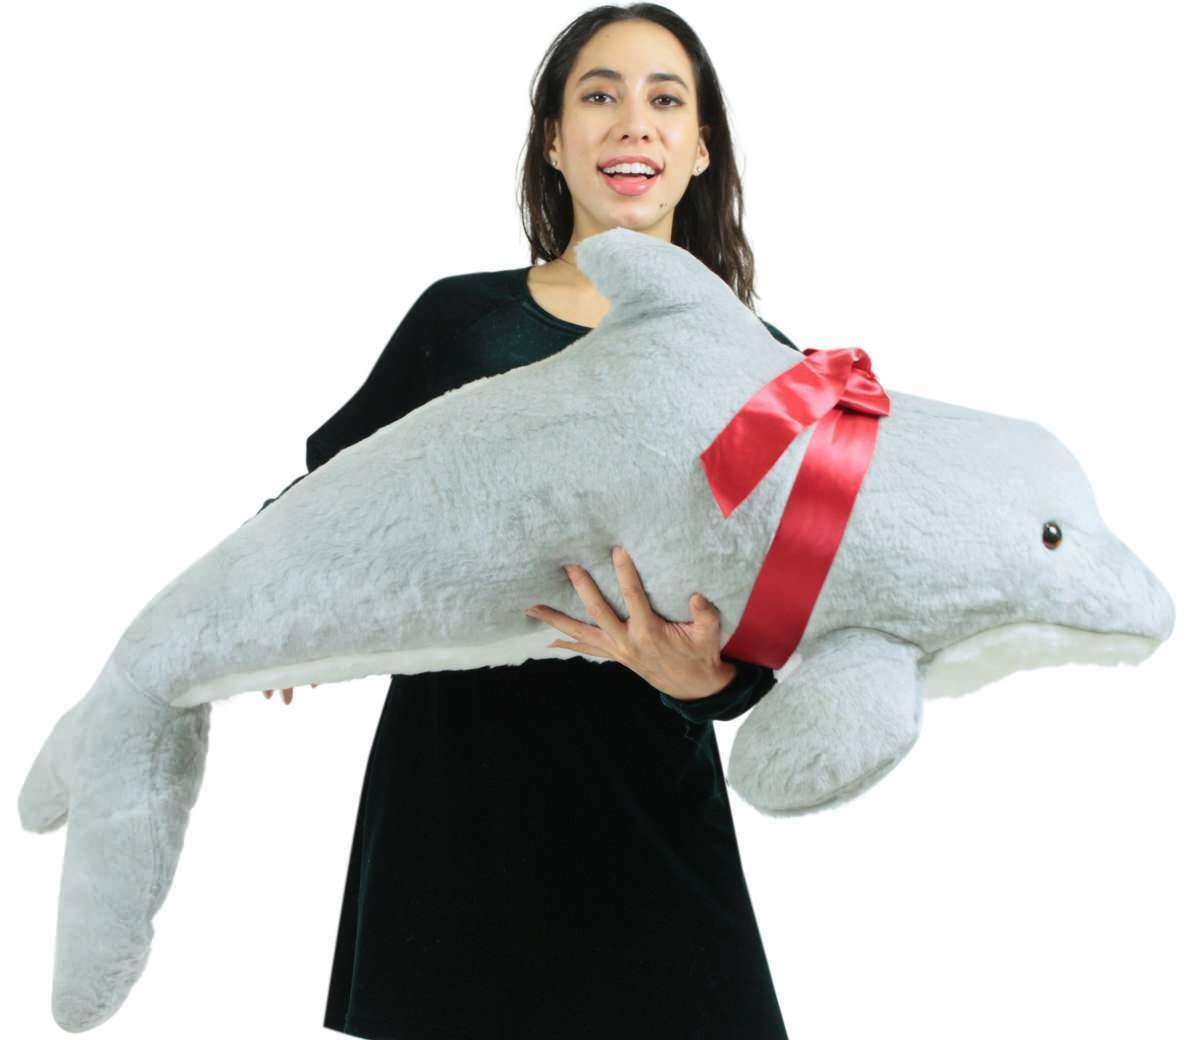 Amerikaner machte riesige gefllte dolphin 46 zentimeter weiche plsch made in usa amerika neue